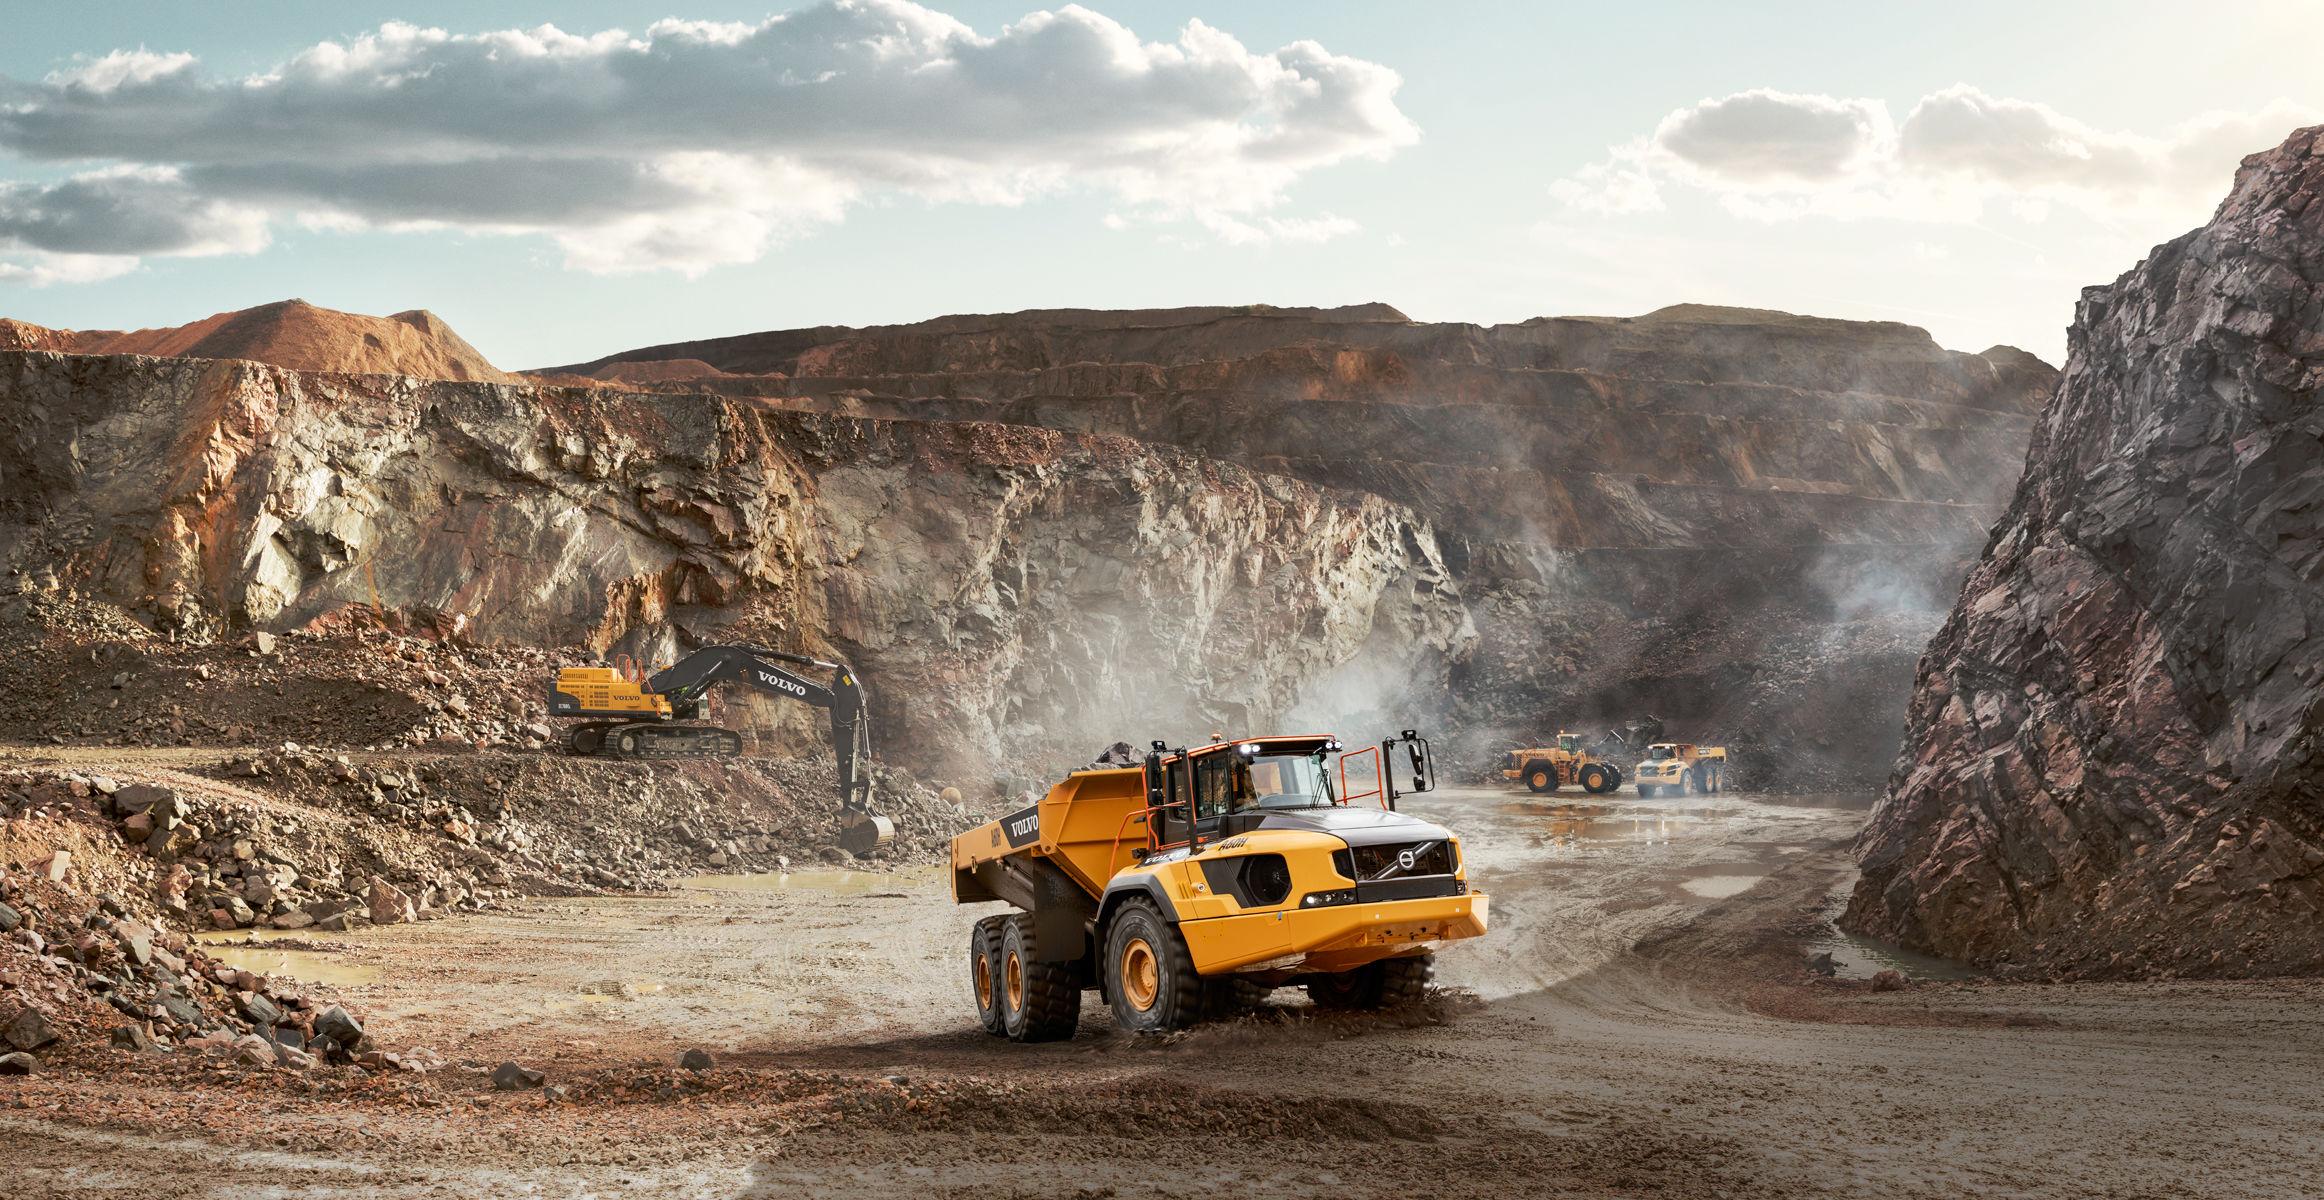 pale grandi le ammiraglie Volvo-show-articulated-hauler-a60h-t4f-sv-2324x1200